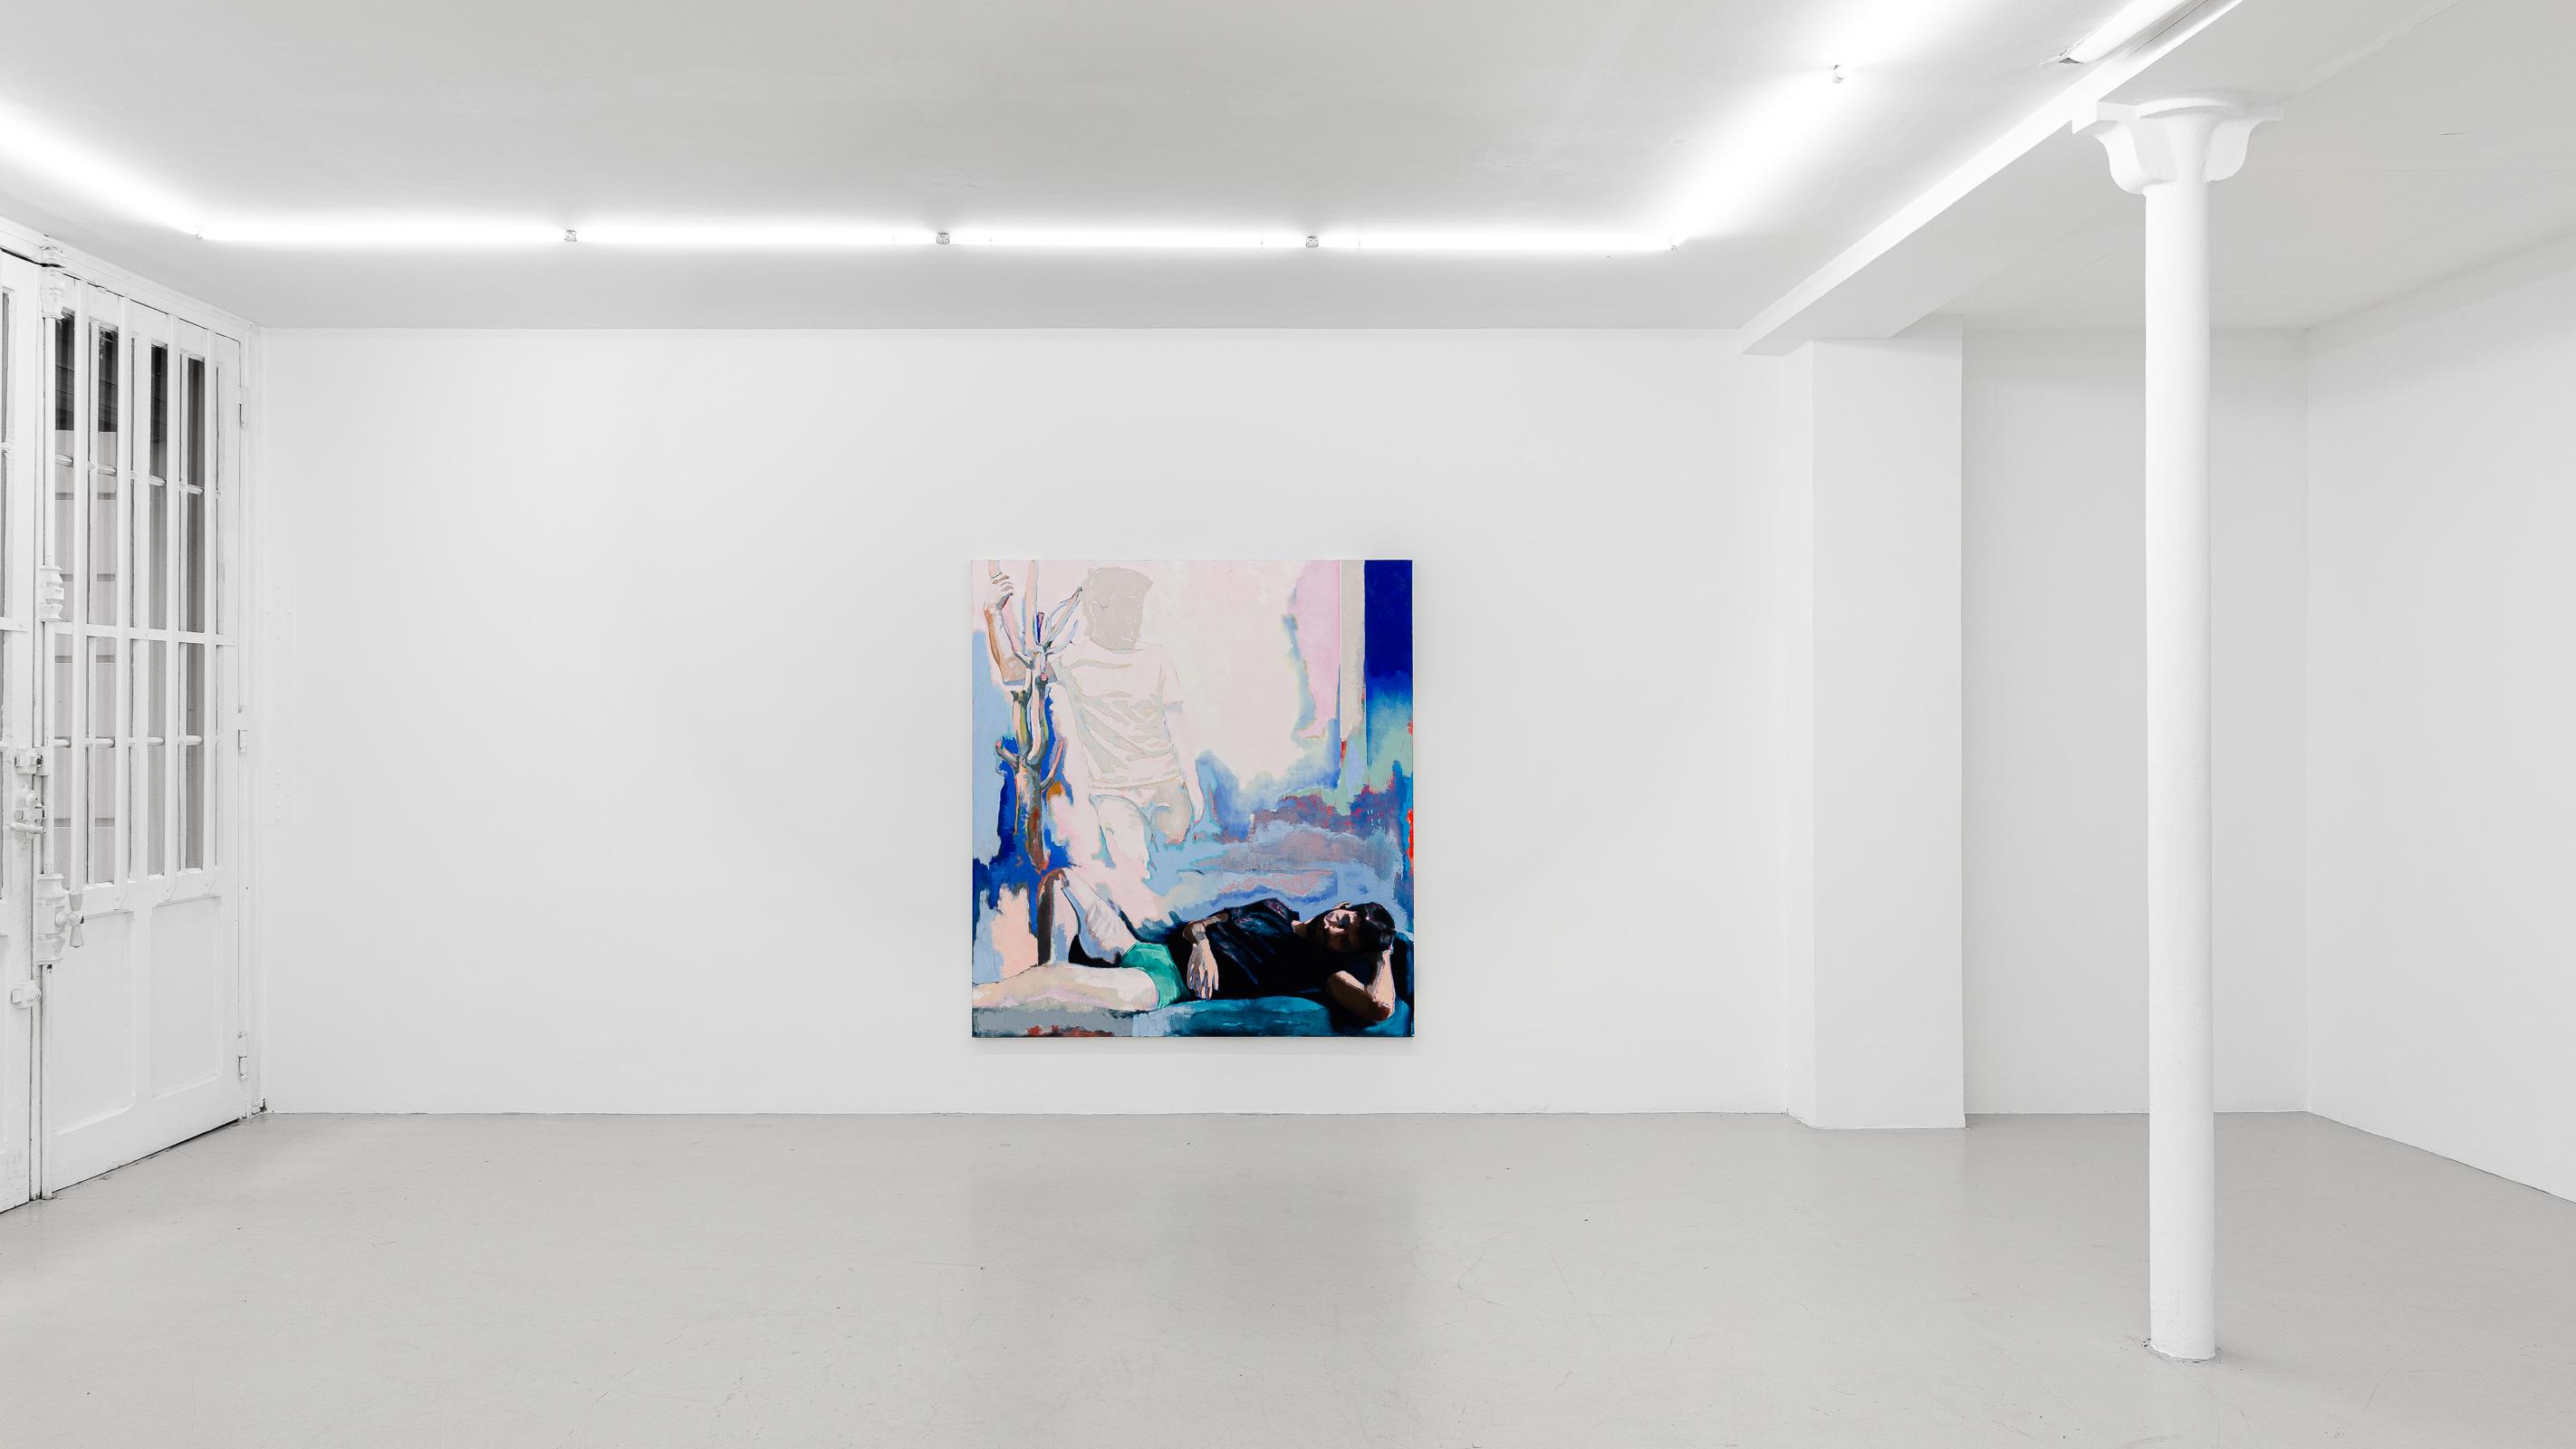 Simon Martin_14h sur le lit_2020_GalerieJousseEntreprise_photo Grégory Copitet_web_2